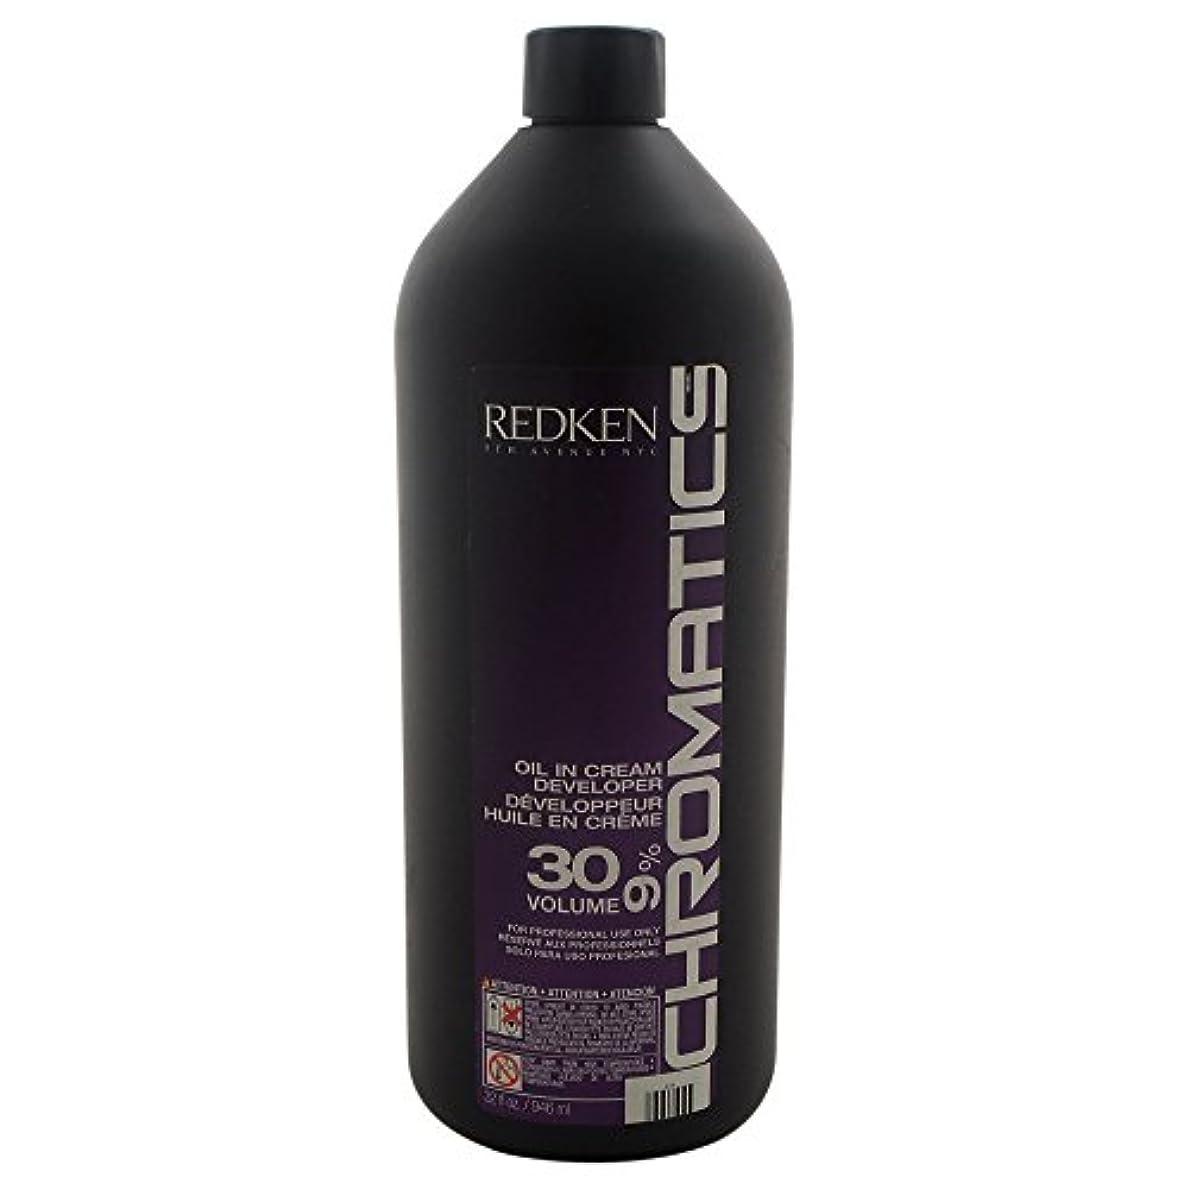 印象派九時四十五分容疑者Redken Chromatics Oil In Cream Developer 30 Volume 9 Percent Cream, 32 Ounce by Redken